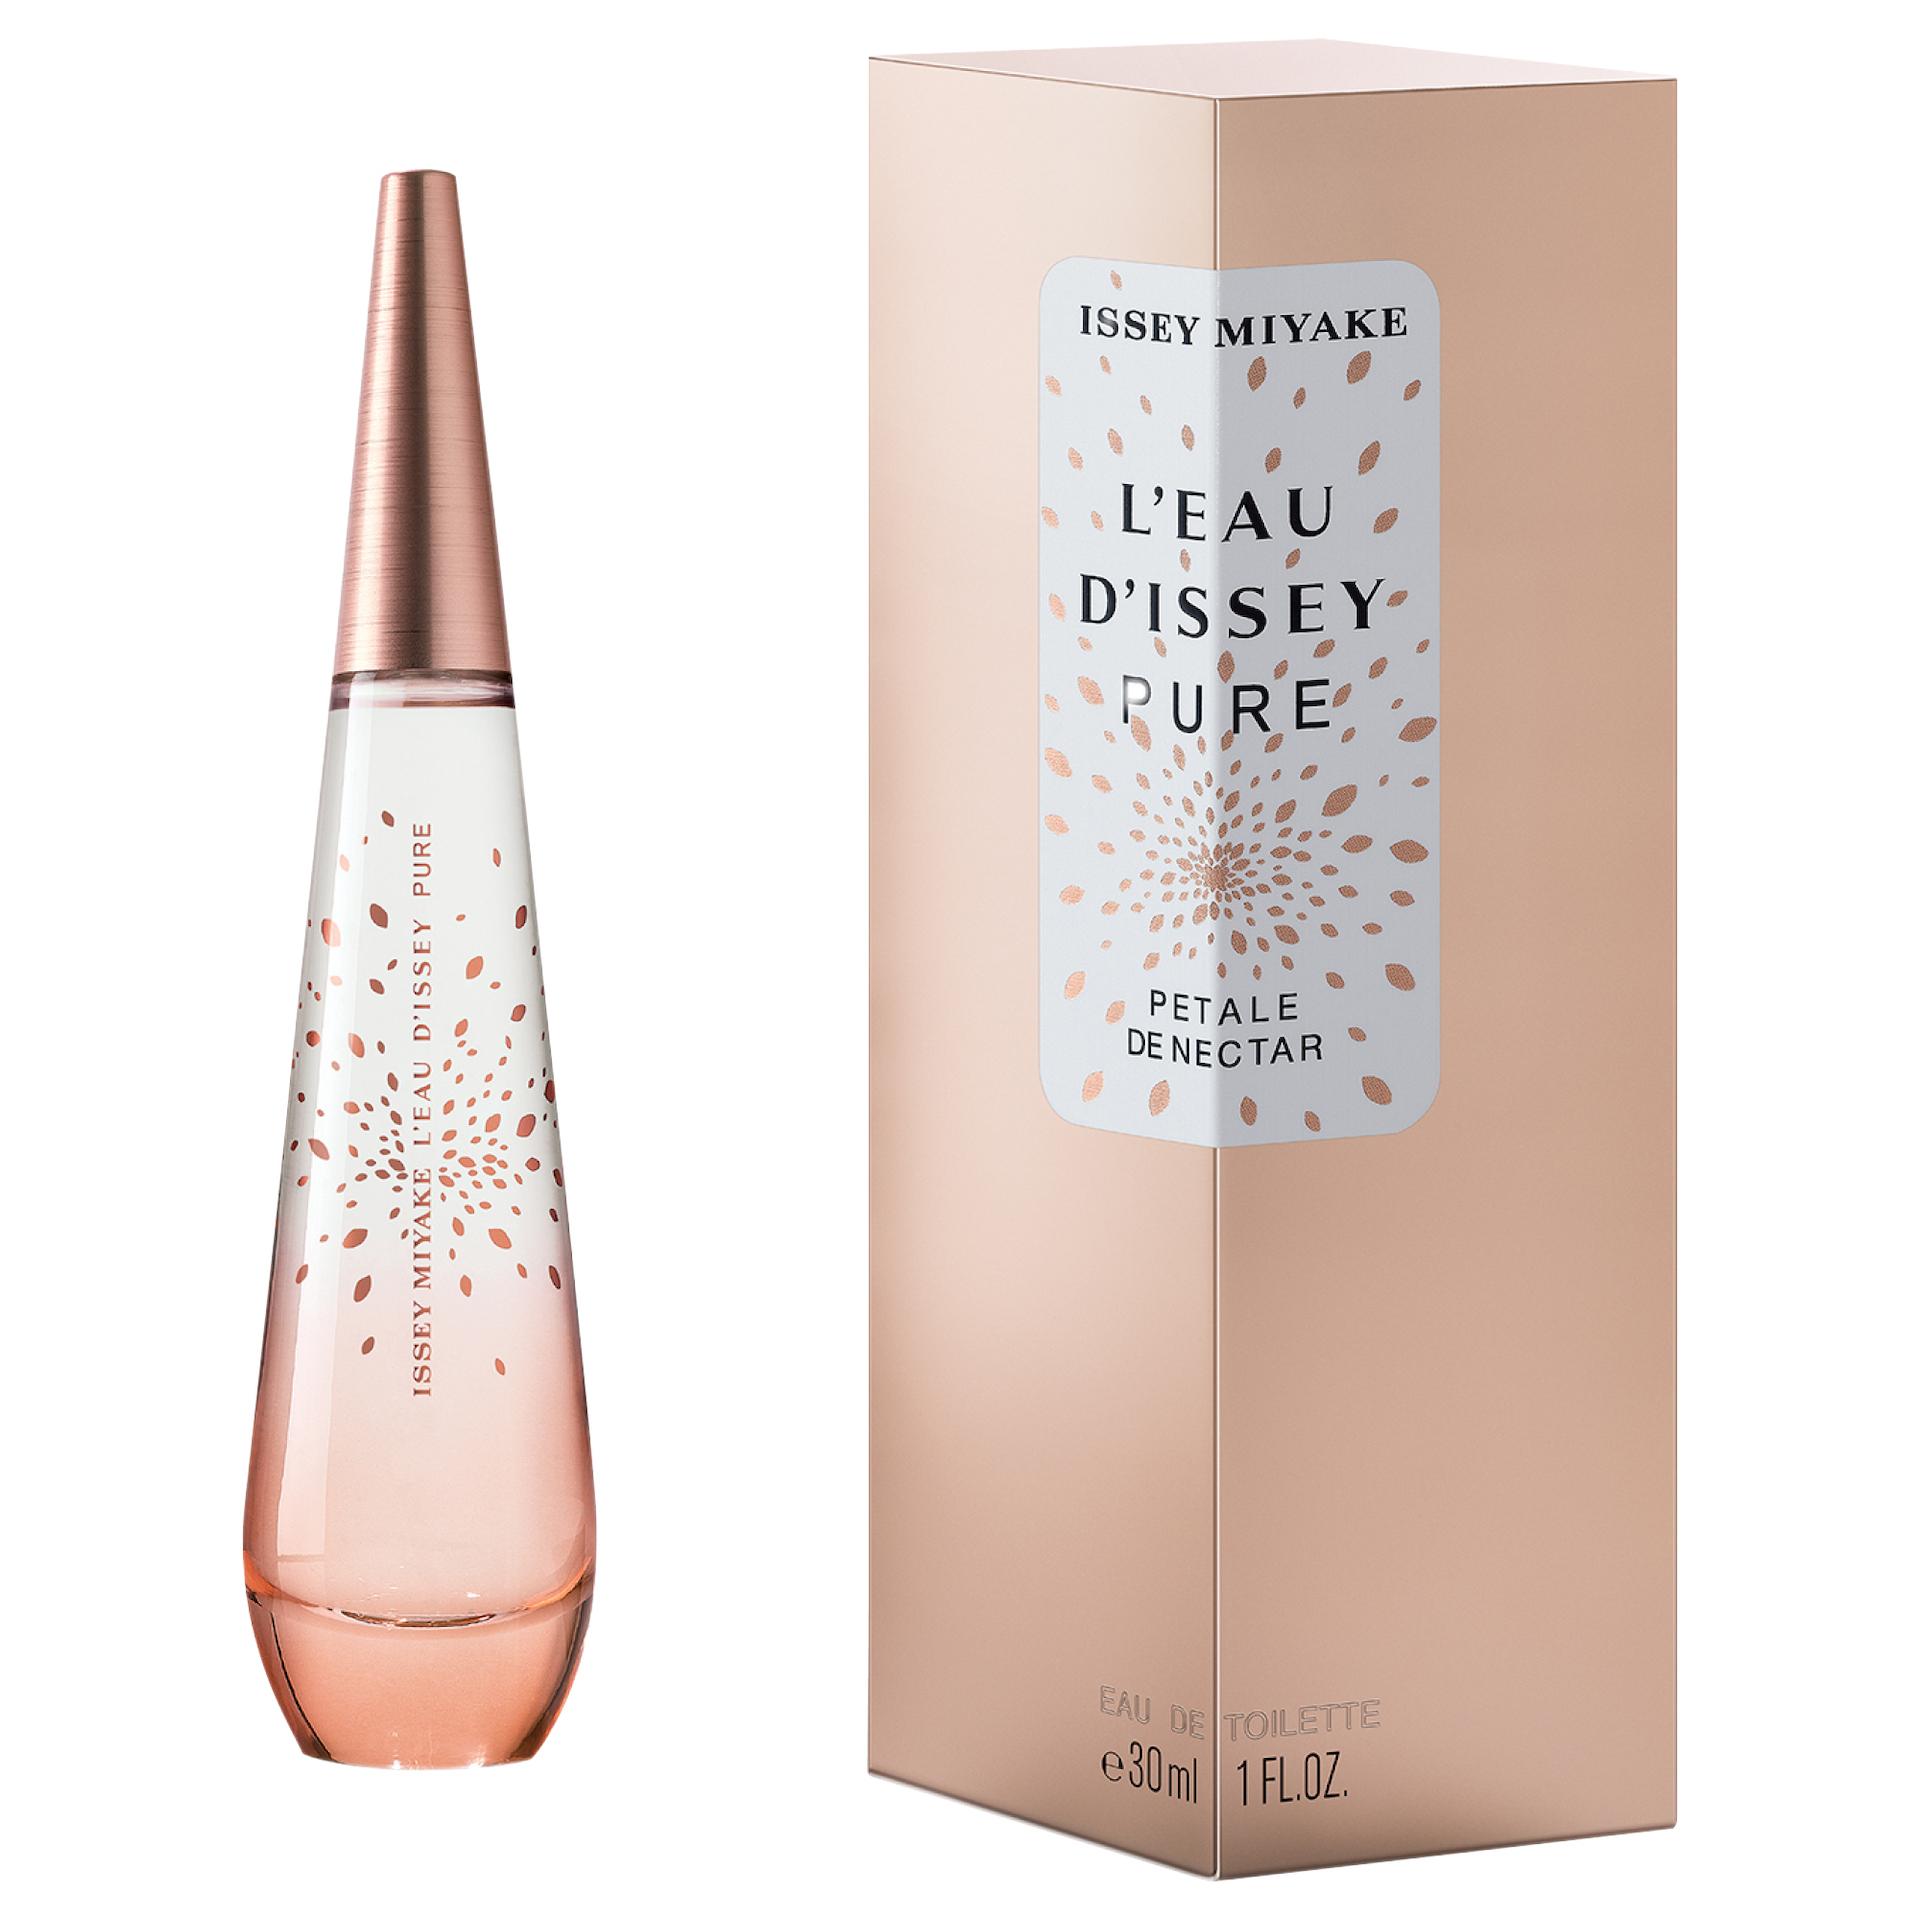 L'Eau D'Issey Pure Petale De Nectar Edt 30ml